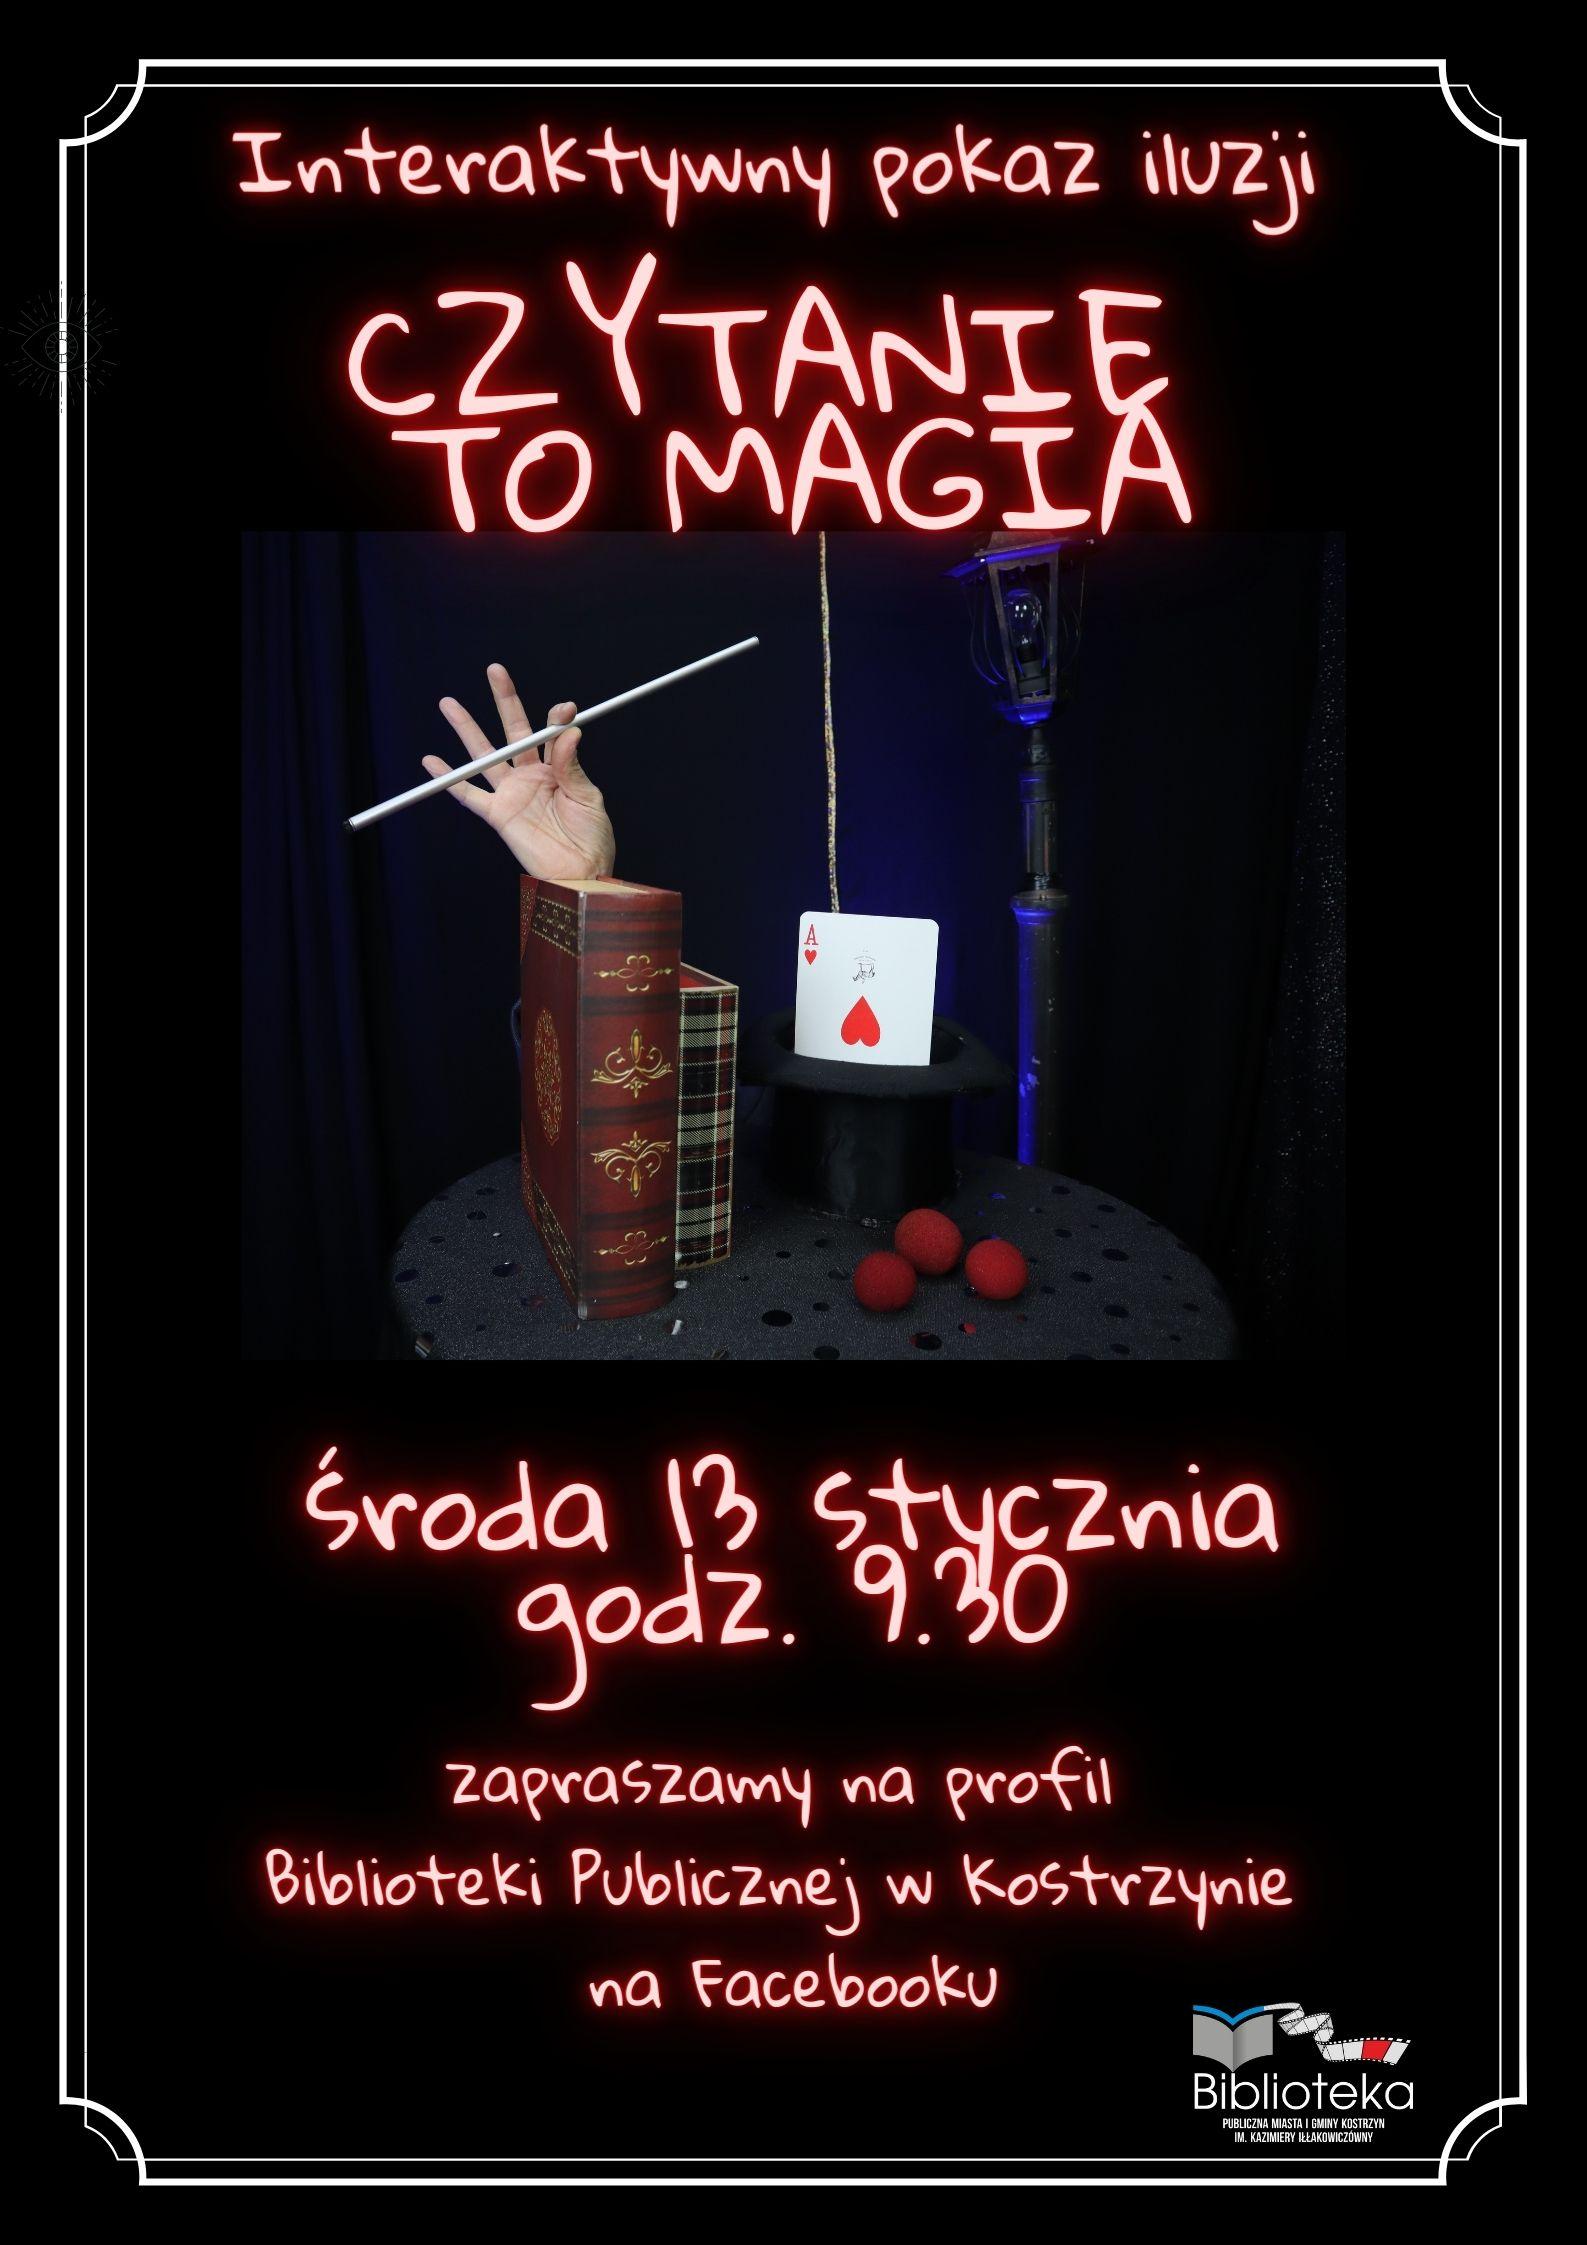 """plakat czarny z ilustracją iluzji i tekstem """"interaktywny pokaz iluzji Czytanie to magia"""